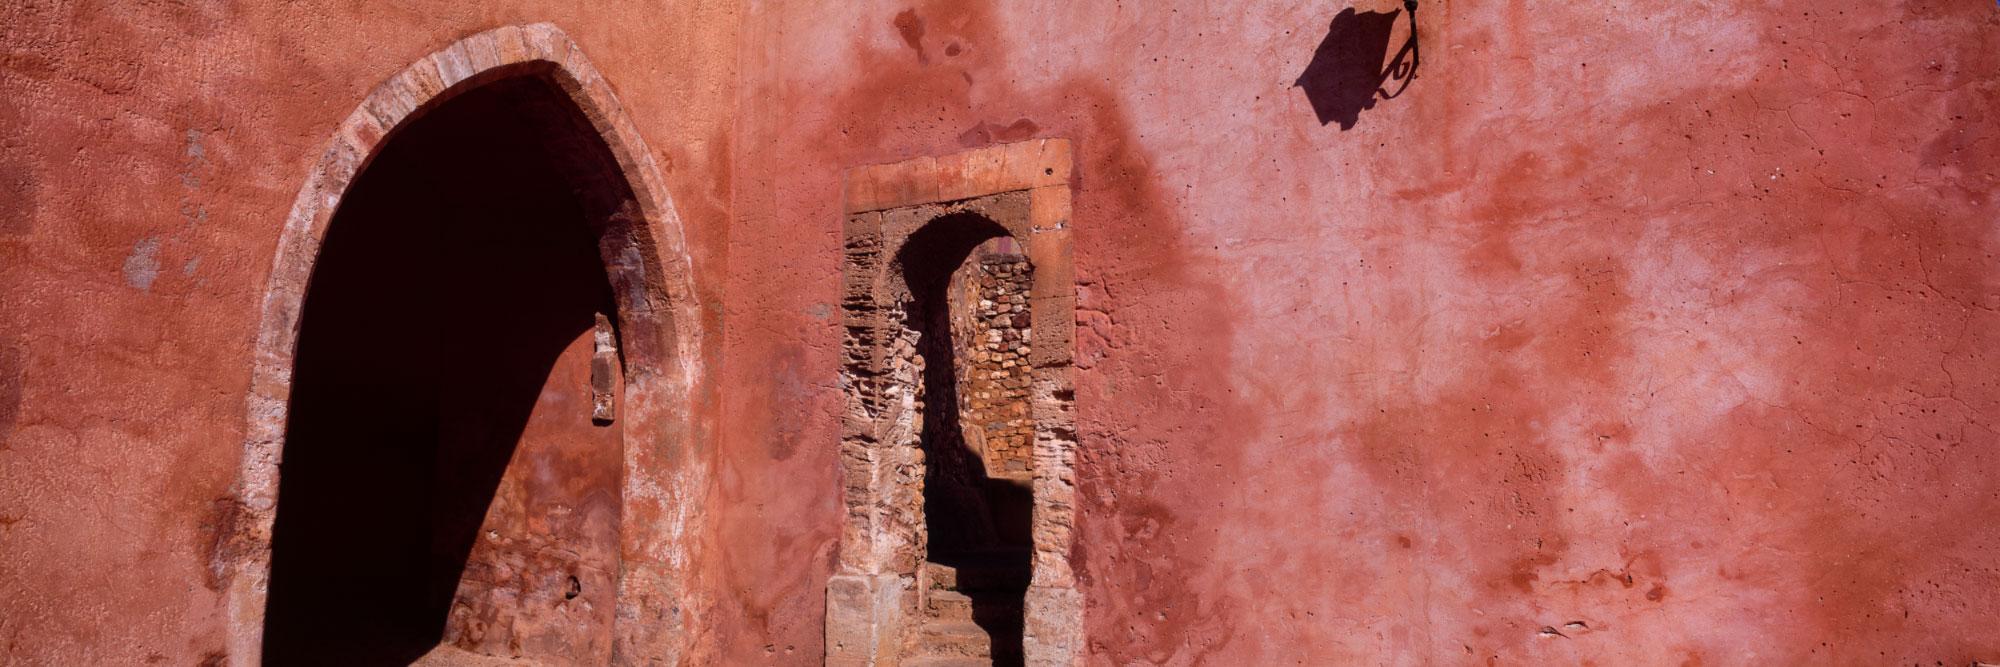 Mur ocre, Roussillon, Parc Naturel Régional du Lubéron